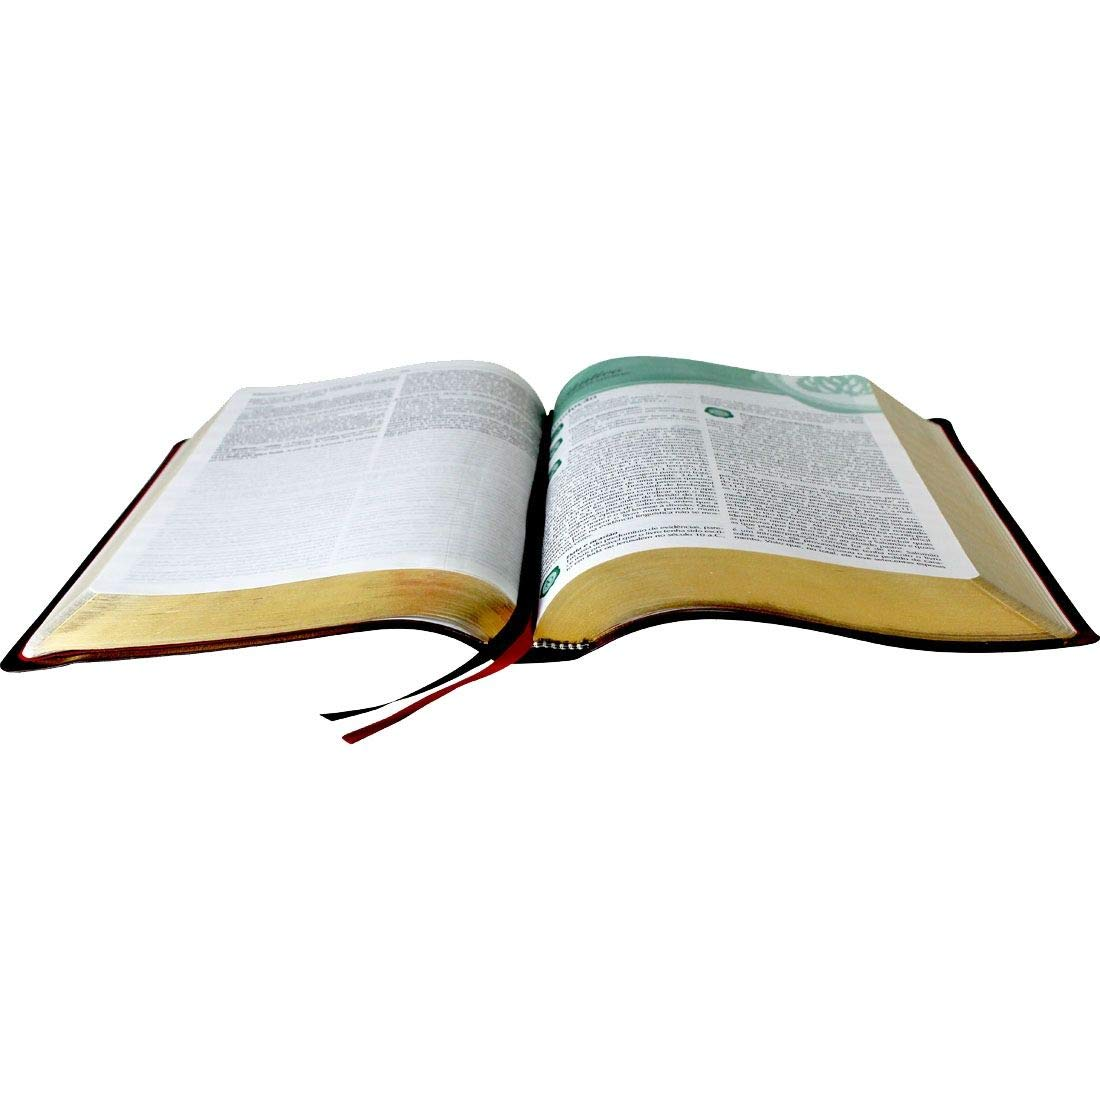 Bíblia de Estudo de Genebra - Couro bonded Vinho: Almeida Revista e Atualizada (ARA)  - Universo Bíblico Rs